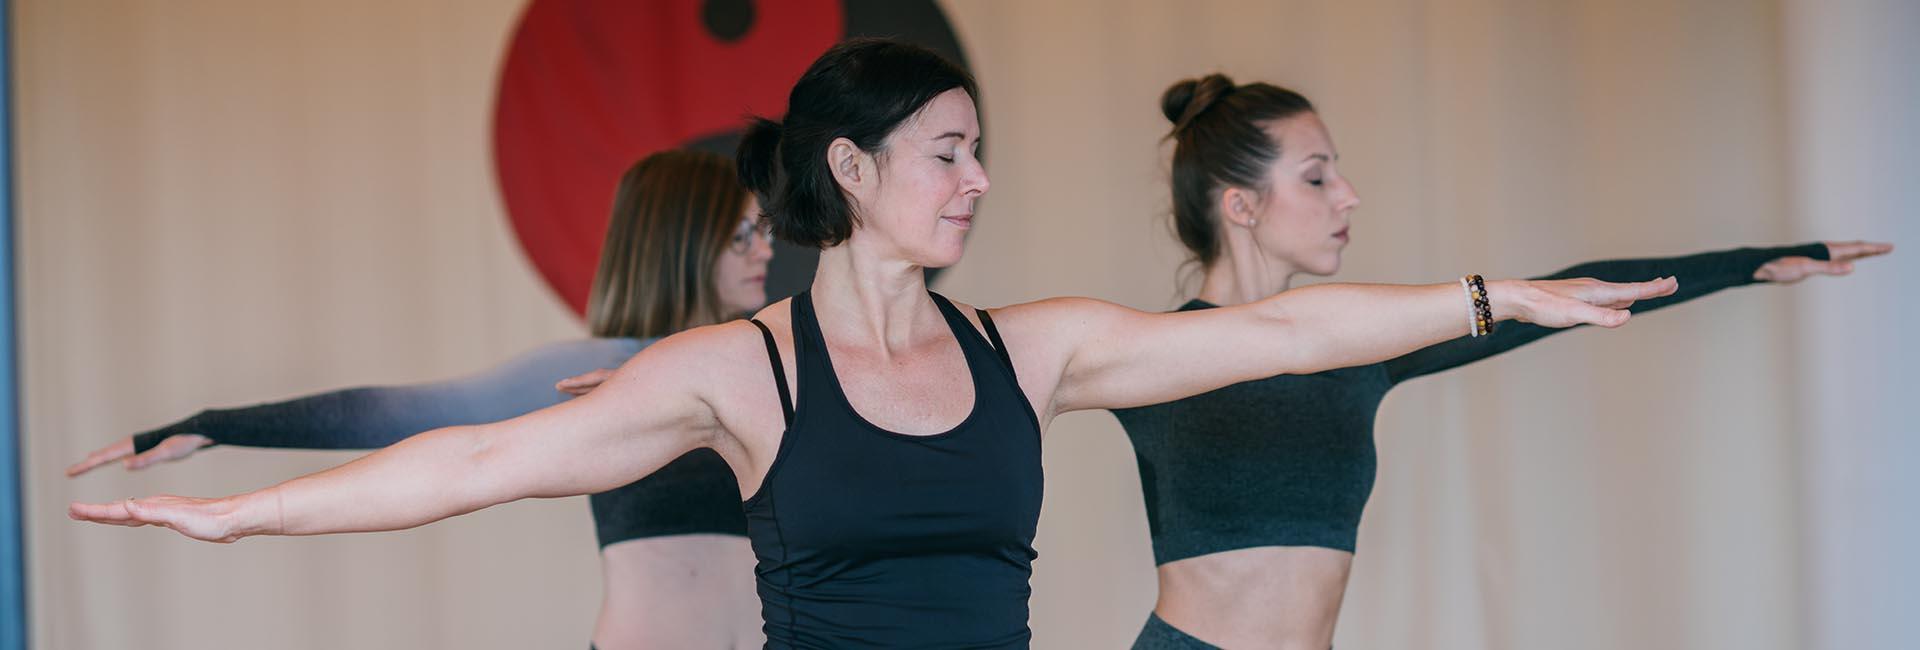 Yogaeinheit mit drei Frauen im Bewegungsraum